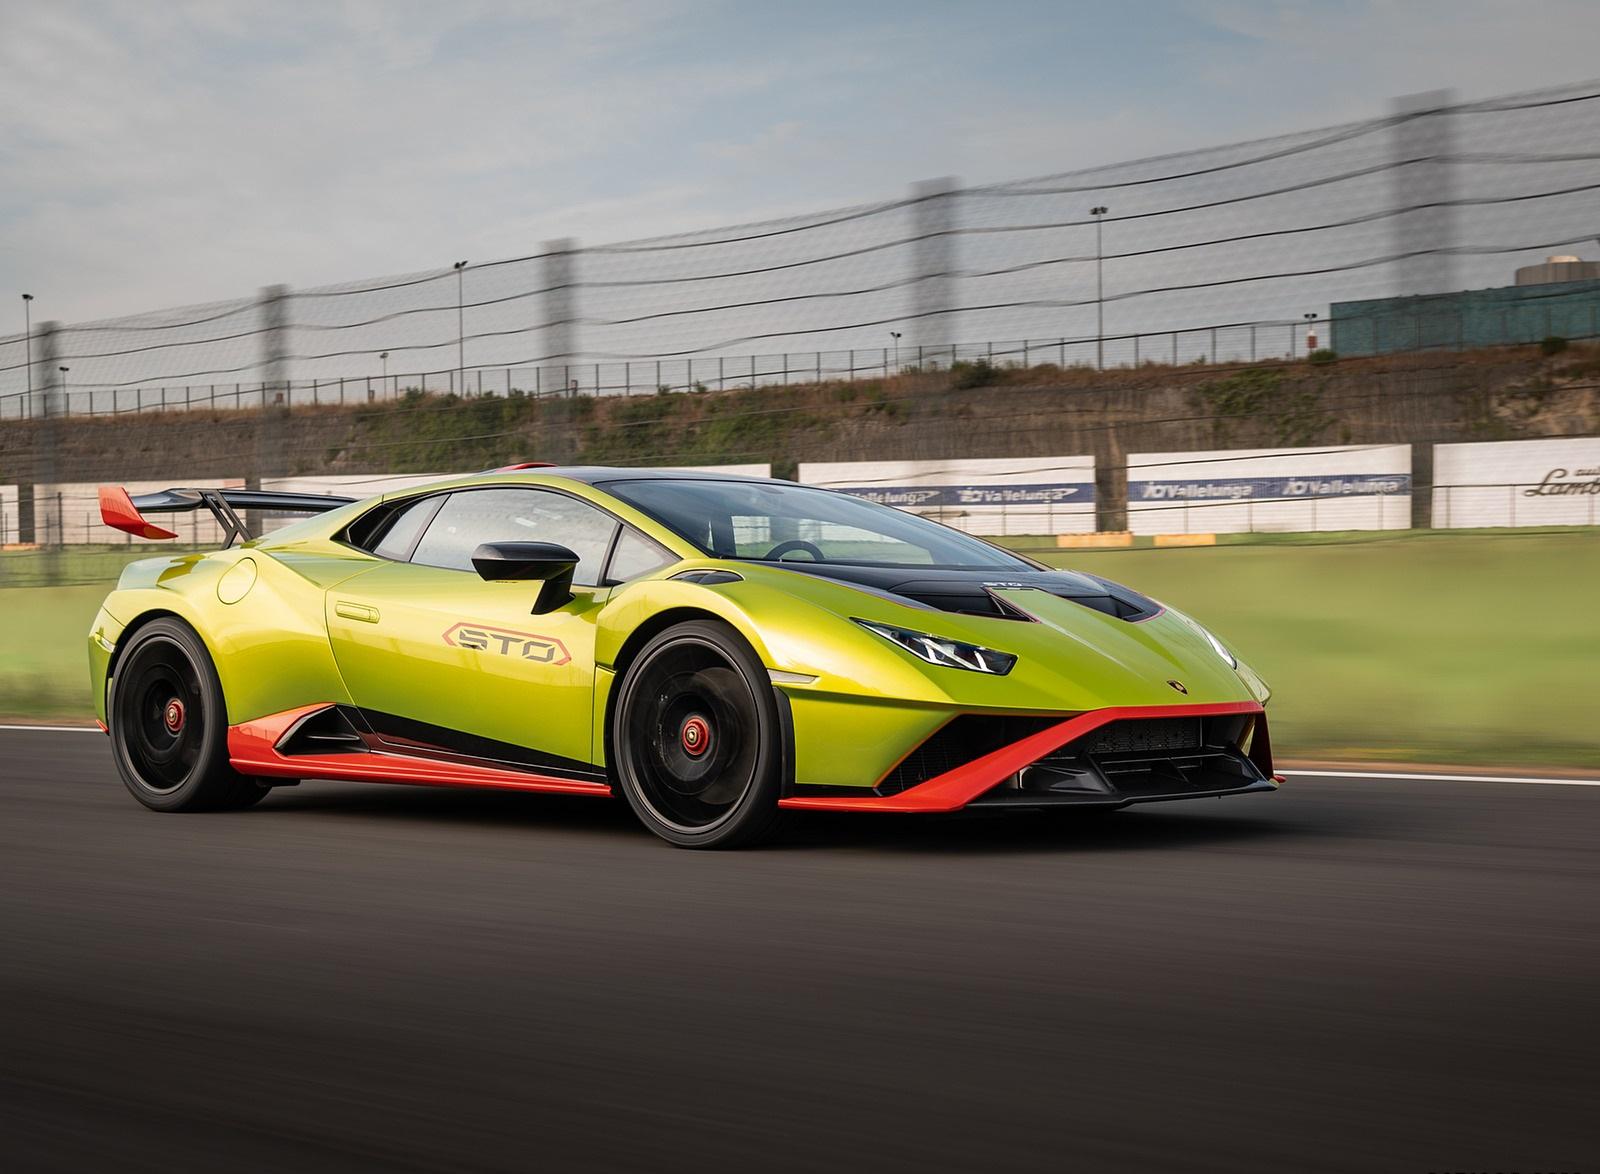 2021 Lamborghini Huracán STO Front Three-Quarter Wallpapers (3)